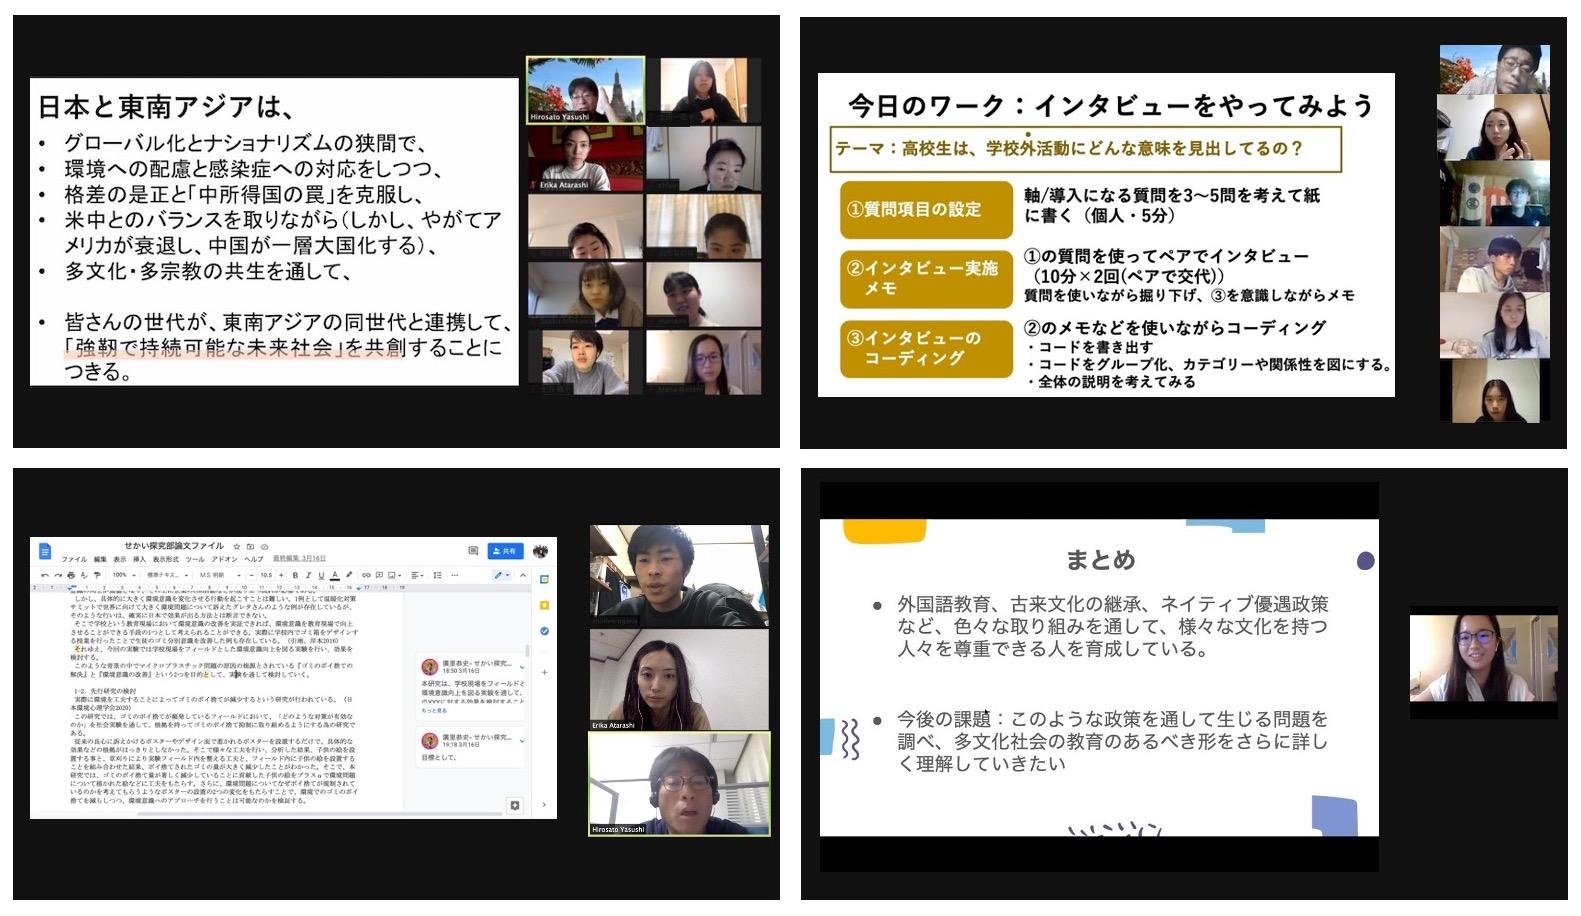 オンライン探究学習プログラム「せかい探究部」の参加者募集 上智学院、高校・大学連携で東南アジアを題材に